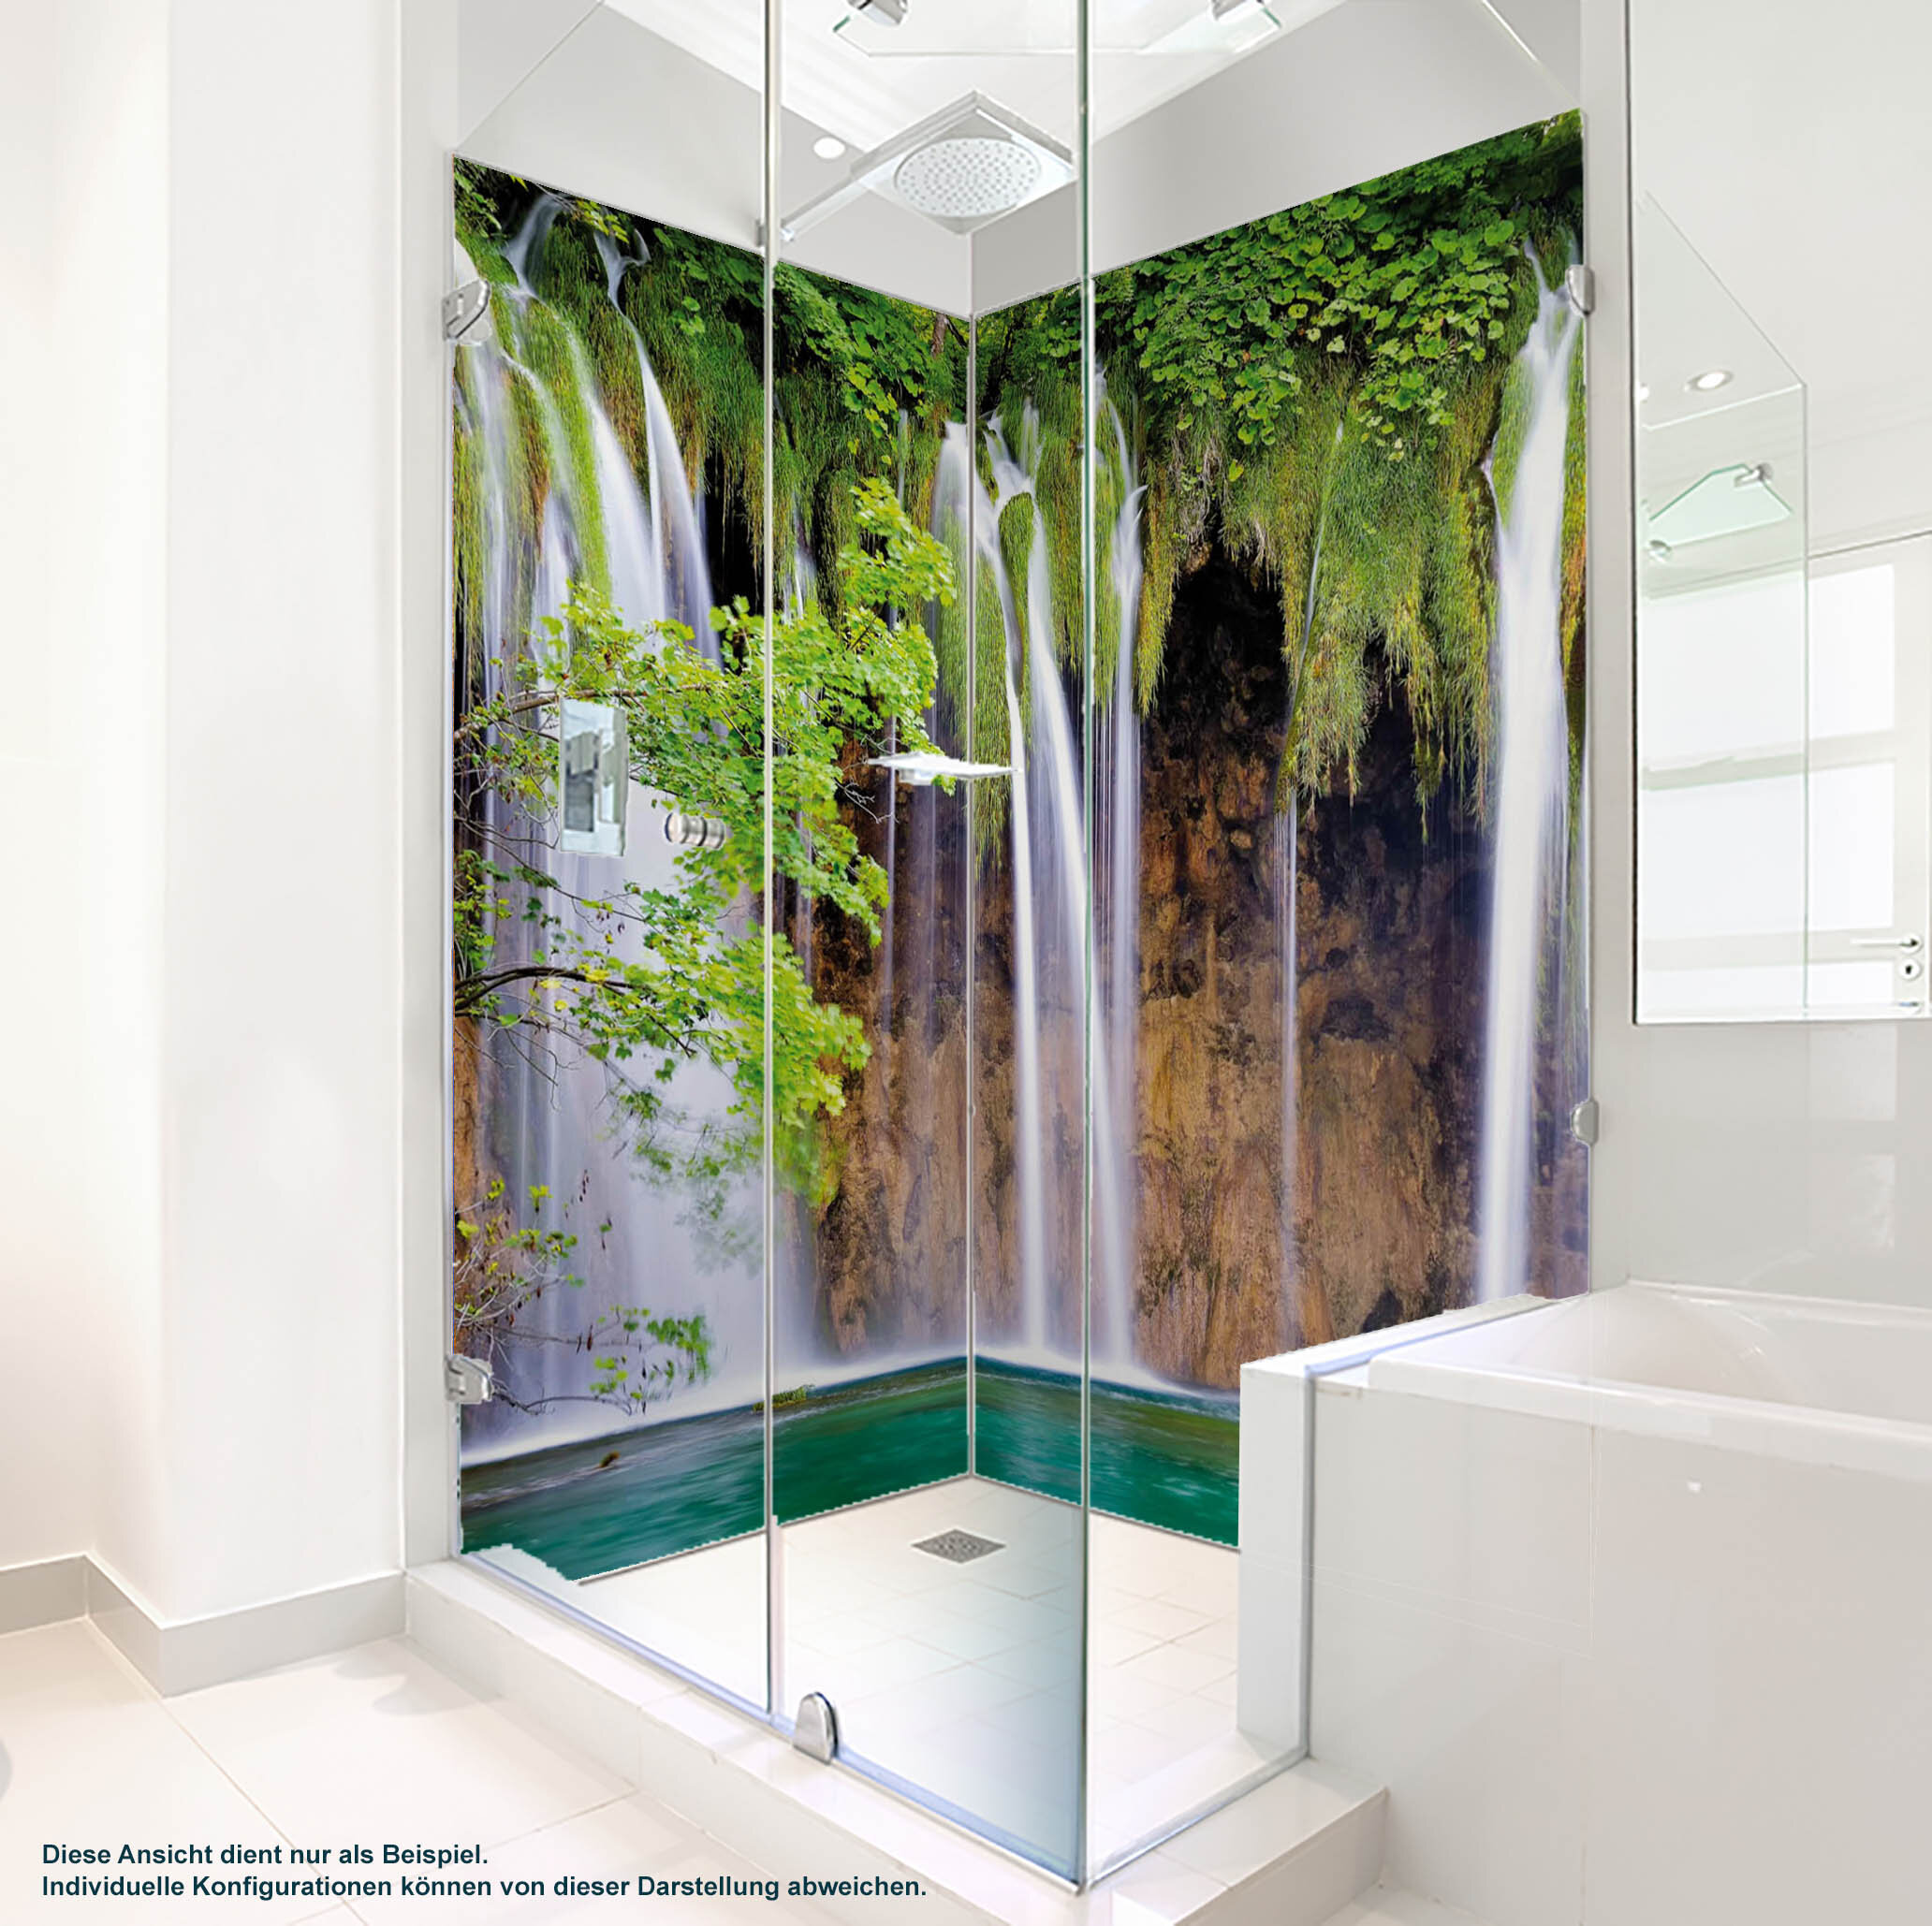 Dusche PlateART Duschrückwand mit Motiv Wasserfall Wf_14_20